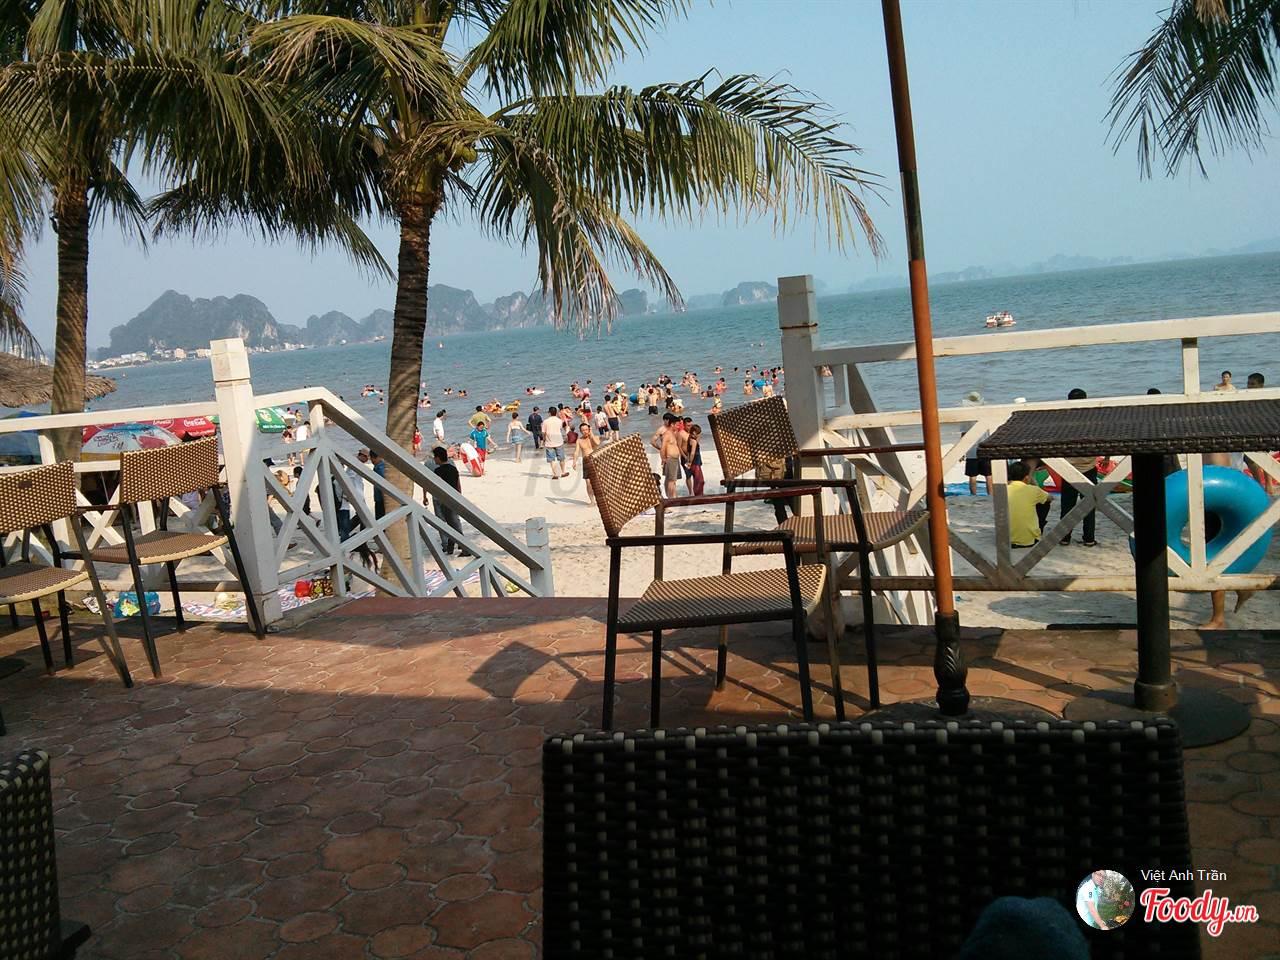 Cafe Trung Nguyên Quảng Ninh